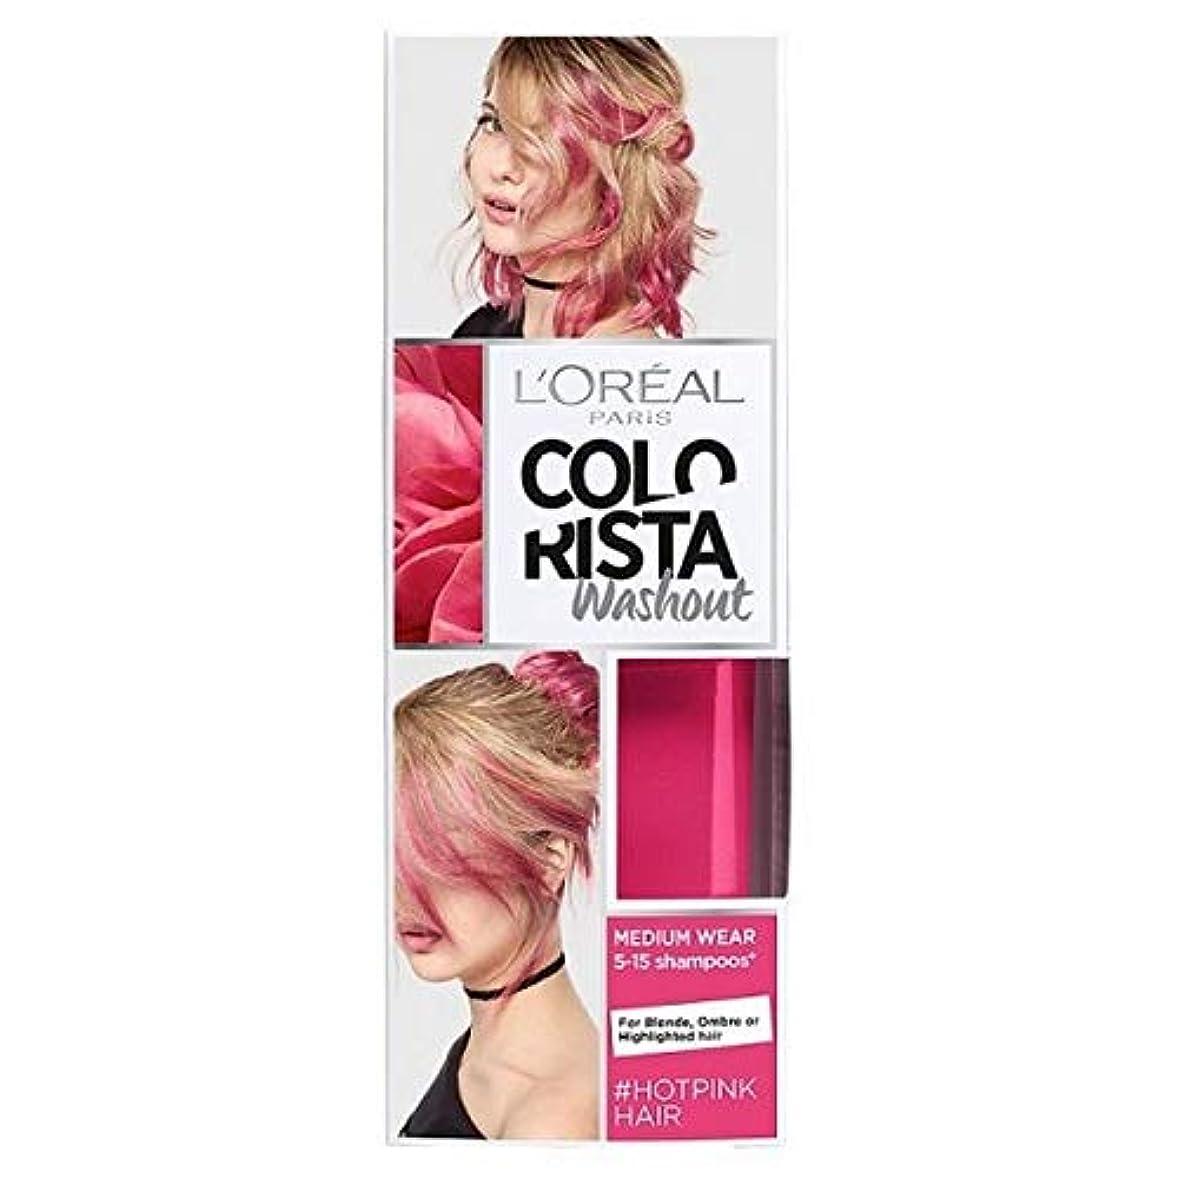 性交幹バルーン[Colorista] Coloristaウォッシュアウトホットピンクのネオン半永久染毛剤 - Colorista Washout Hot Pink Neon Semi-Permanent Hair Dye [並行輸入品]